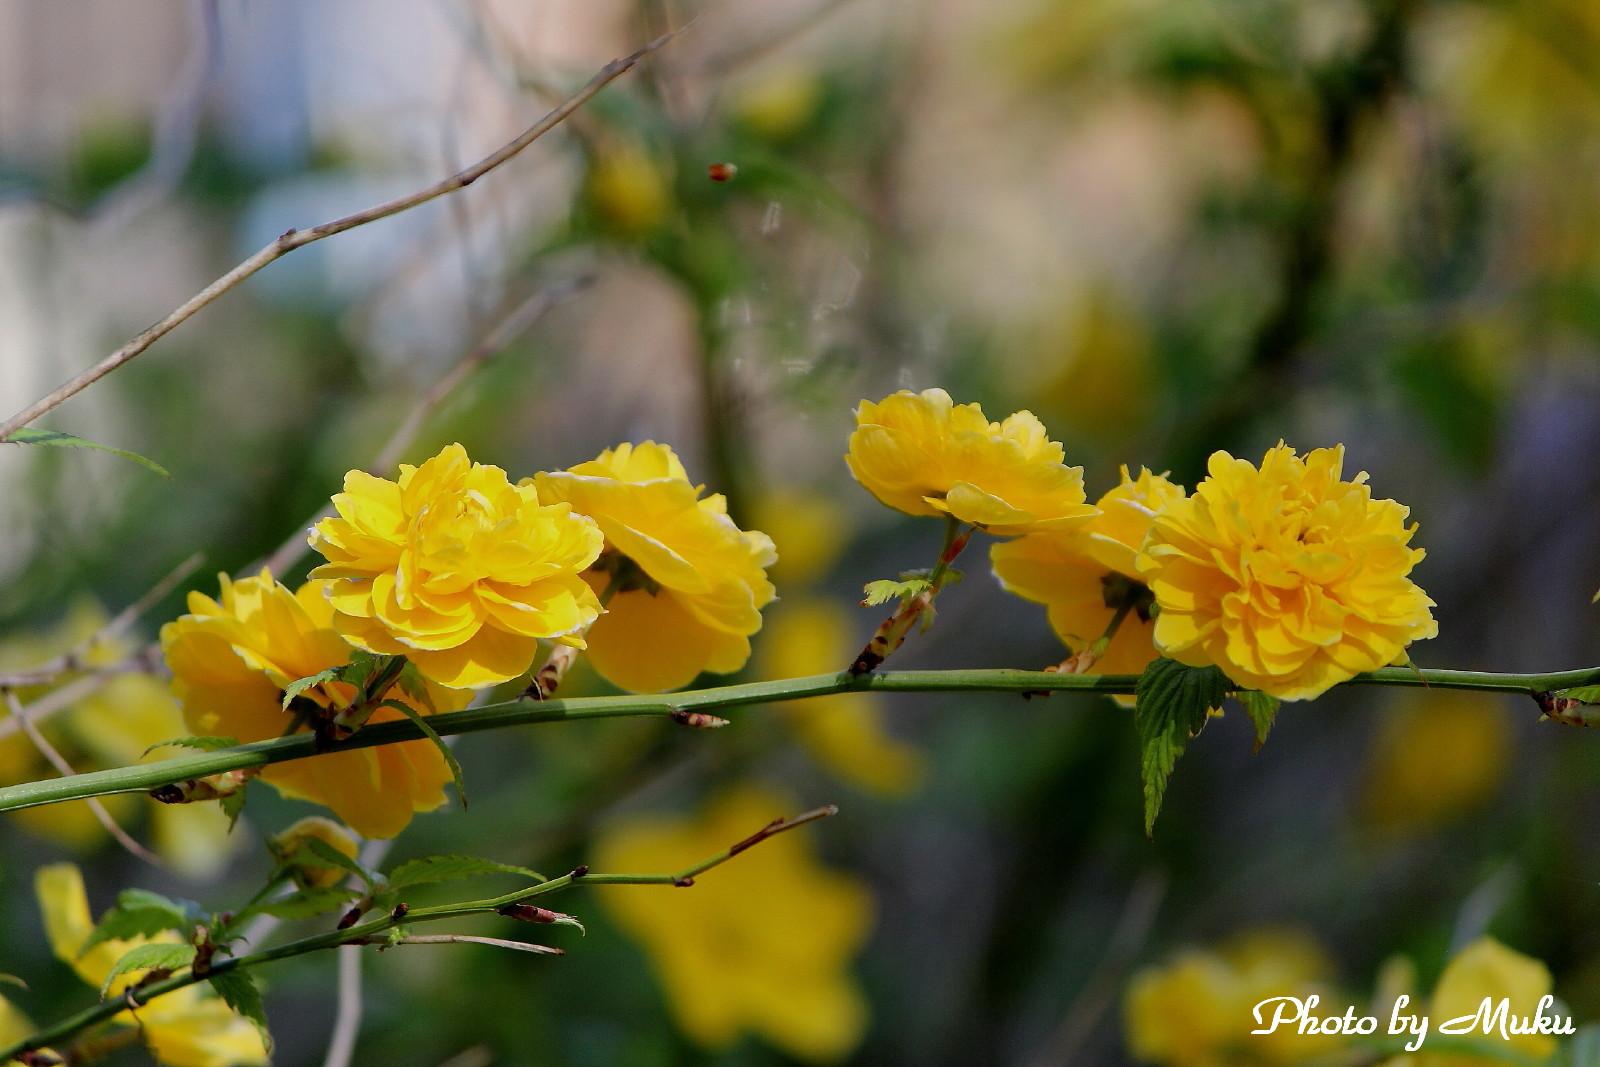 2014.4.15 八重咲きのヤマブキ(散歩道:神奈川県横須賀市)